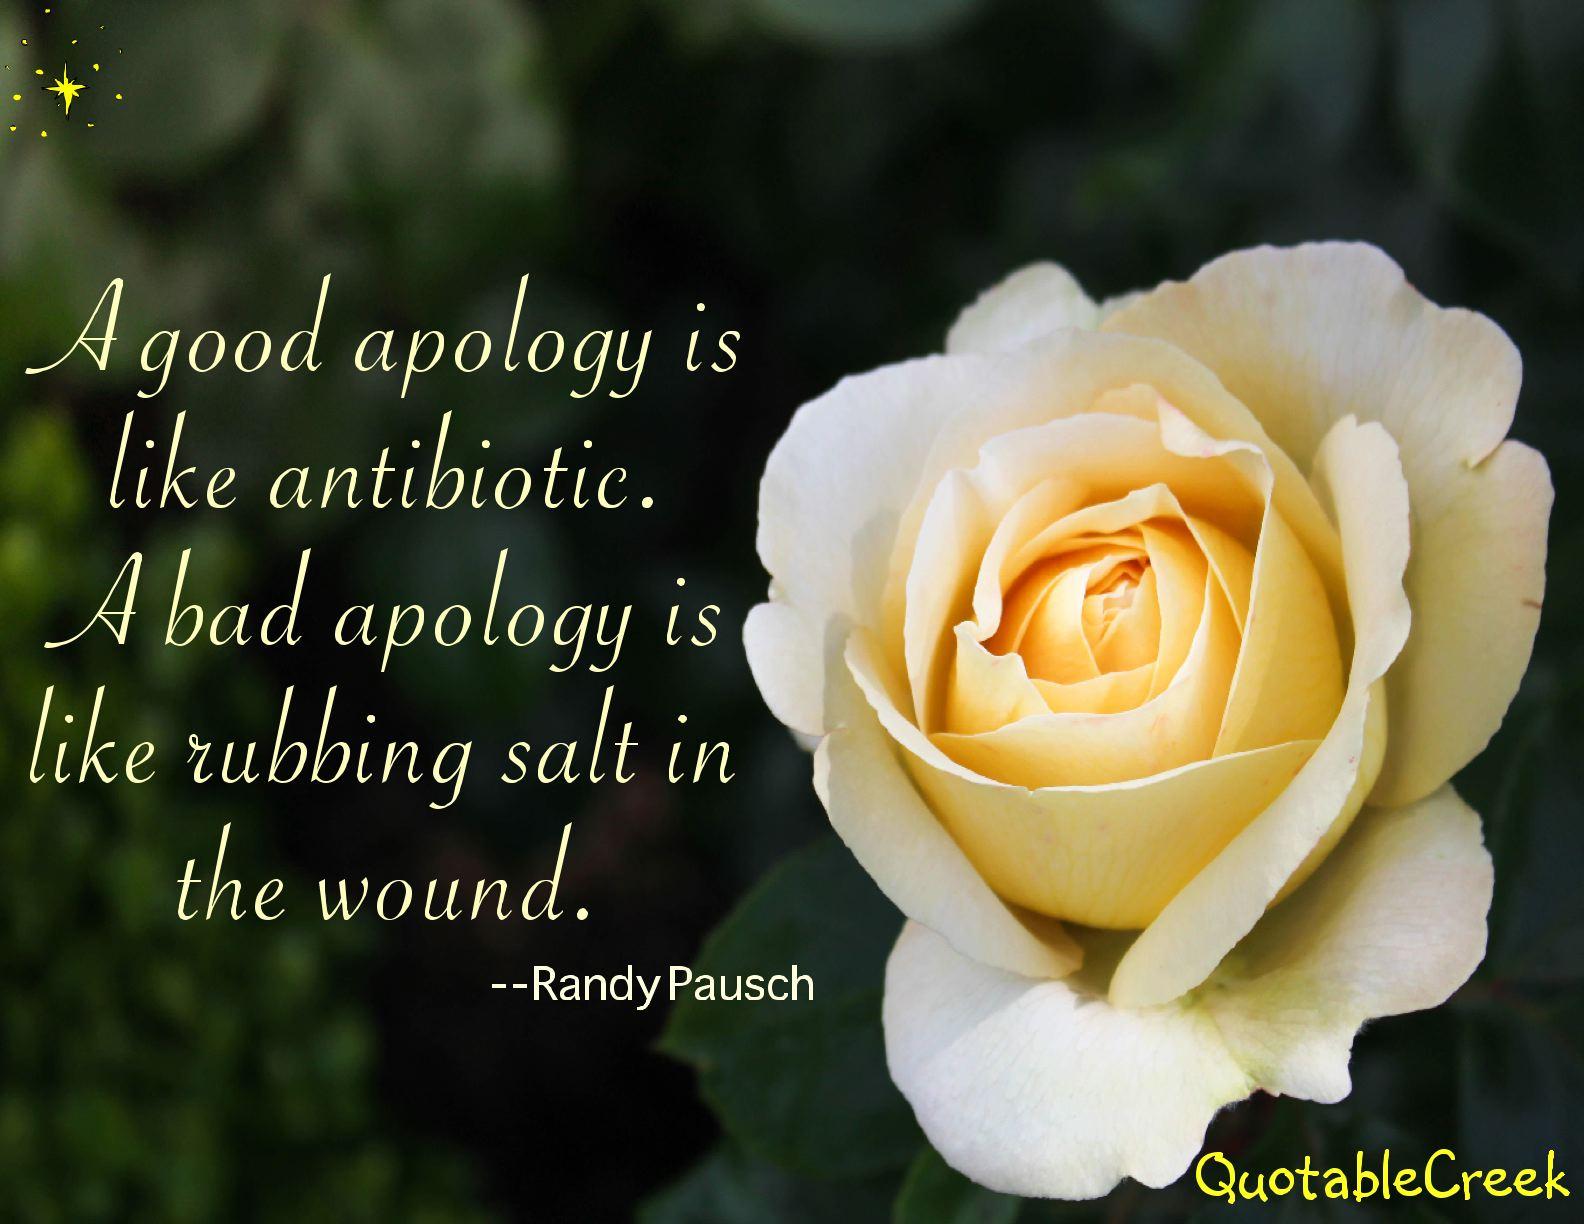 goodapology